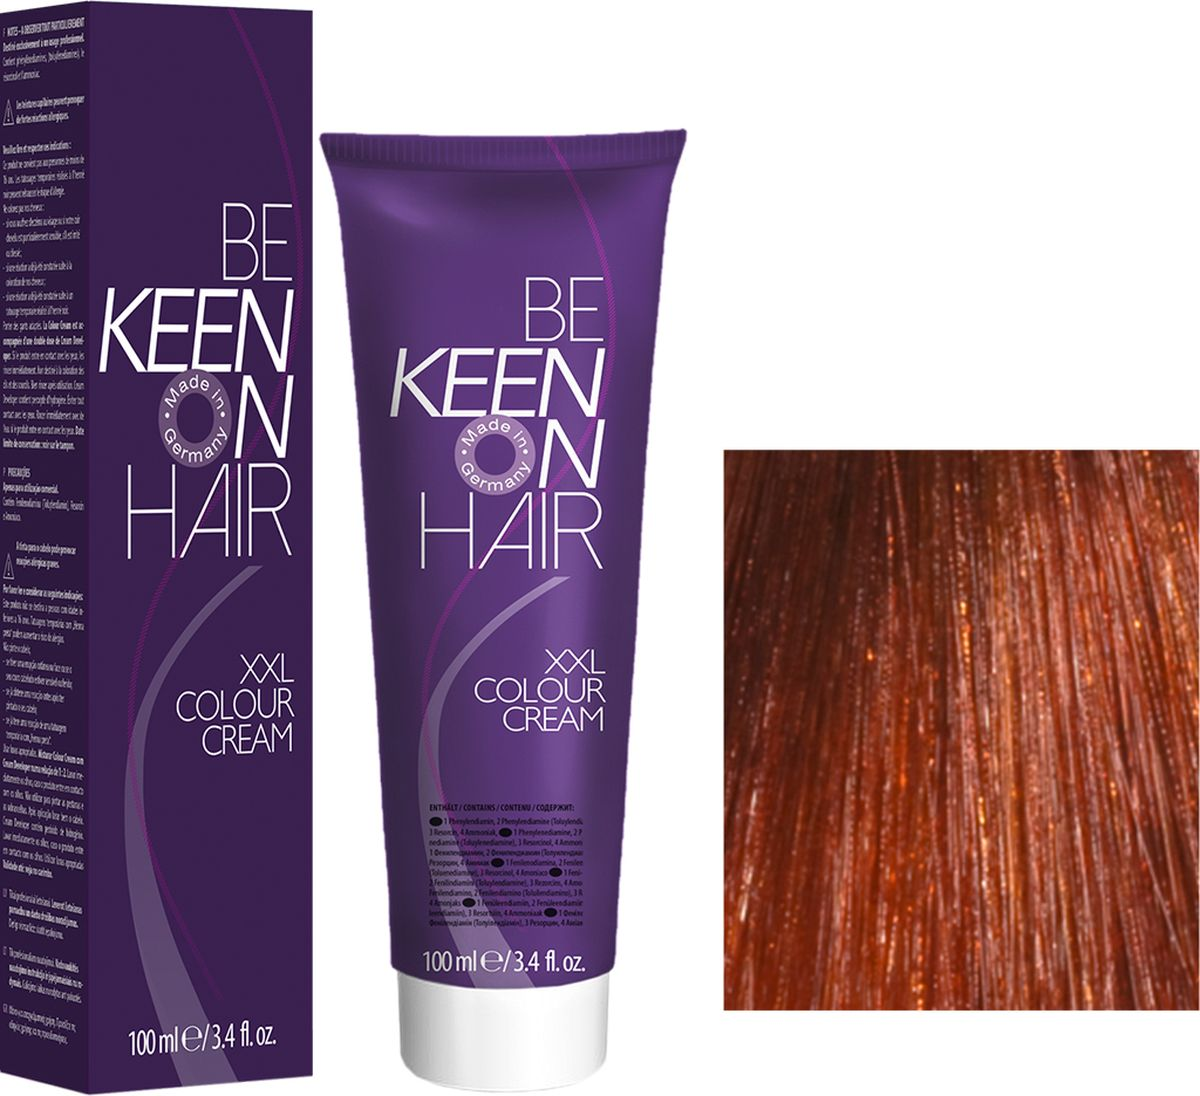 Keen Краска для волос 7.4 Натуральный медный блондин Mittelblond Kupfer, 100 мл69100058Модные оттенкиБолее 100 оттенков для креативной комбинации цветов.ЭкономичностьПри использовании тюбика 100 мл вы получаете оптимальное соотношение цены и качества!УходМолочный белок поддерживает структуру волоса во время окрашивания и придает волосам блеск и шелковистость. Протеины хорошо встраиваются в волосы и снабжают их влагой.